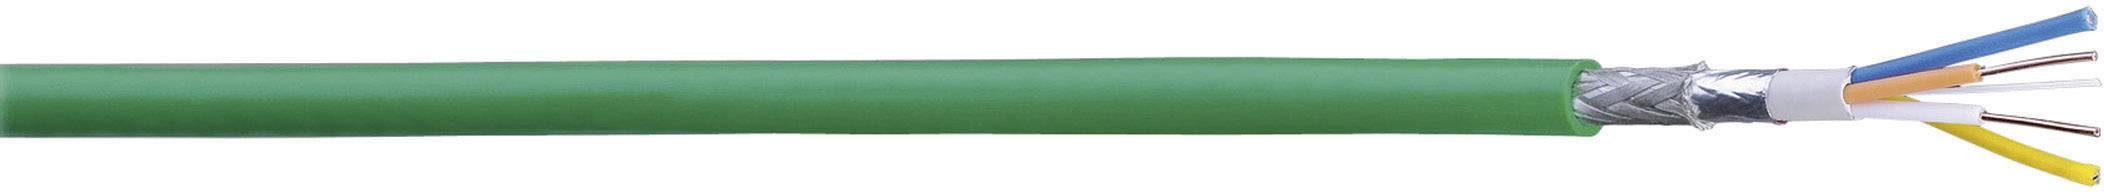 Zbernicový kábel Belden 70007E.00500, vnější Ø 6.50 mm, zelená, metrový tovar